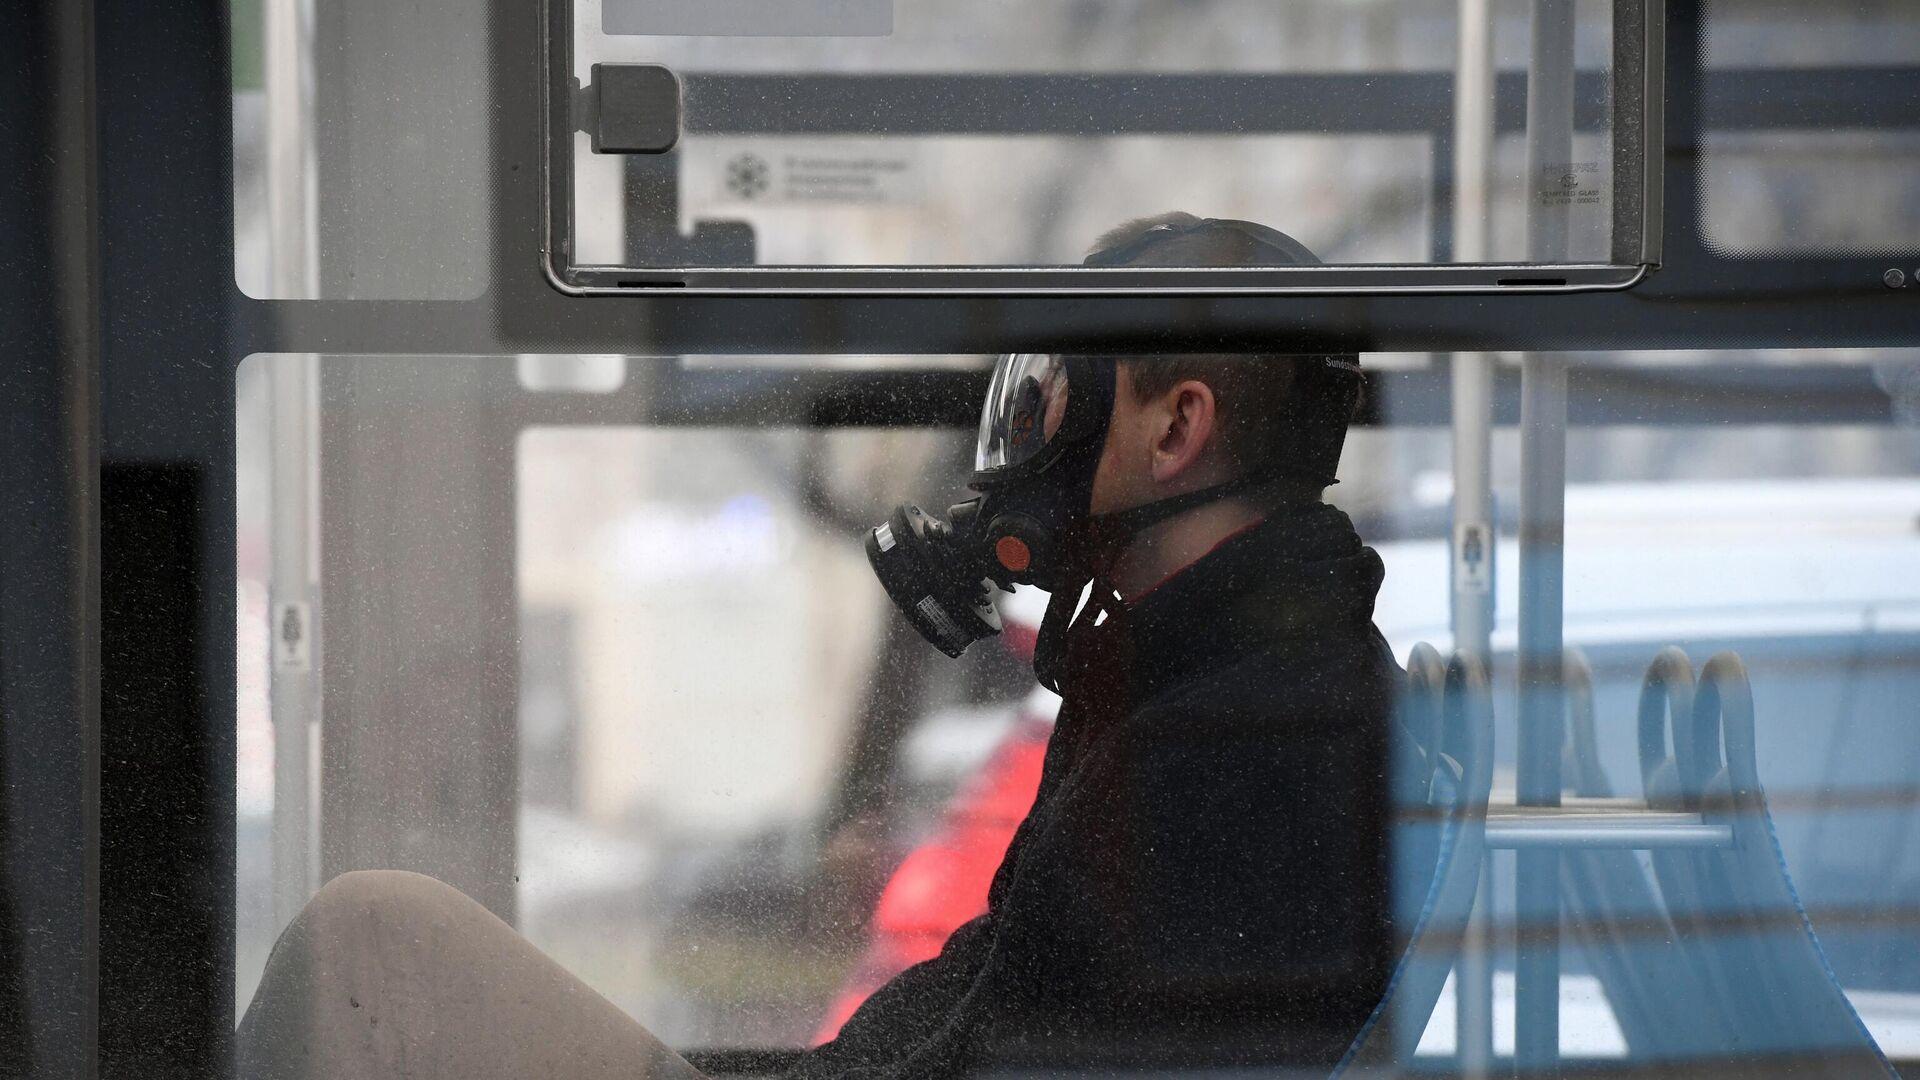 Мужчина в защитной маске в общественном транспорте - РИА Новости, 1920, 11.12.2020